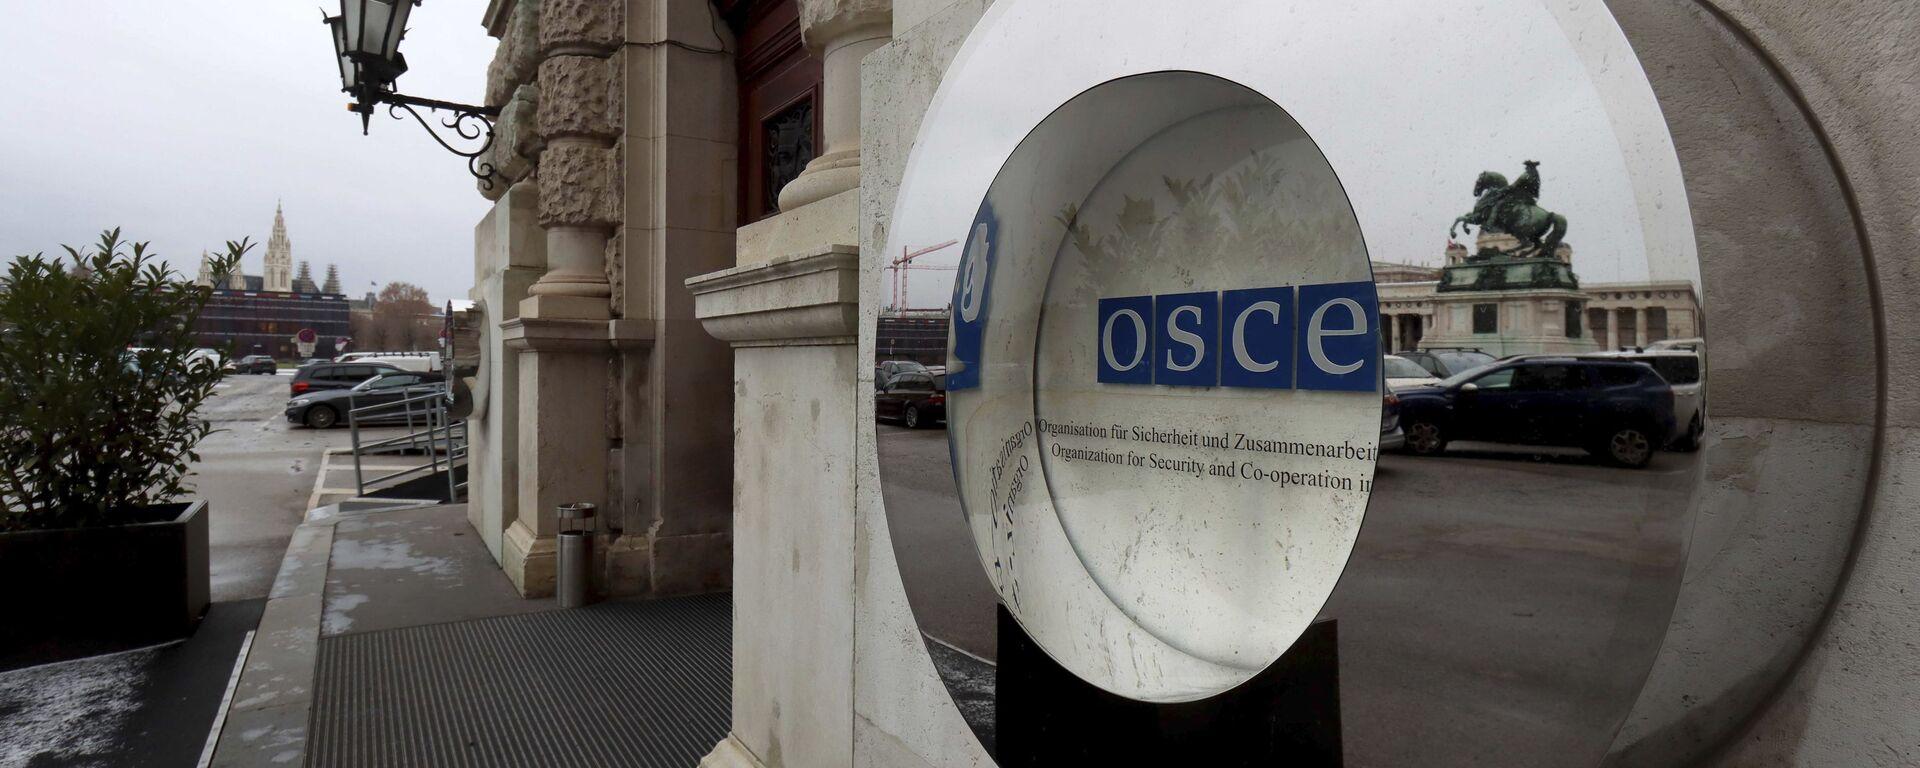 Le palais impérial de la Hofburg à Vienne, siège du Conseil permanent de l'OSCE (archive photo) - Sputnik France, 1920, 06.07.2021